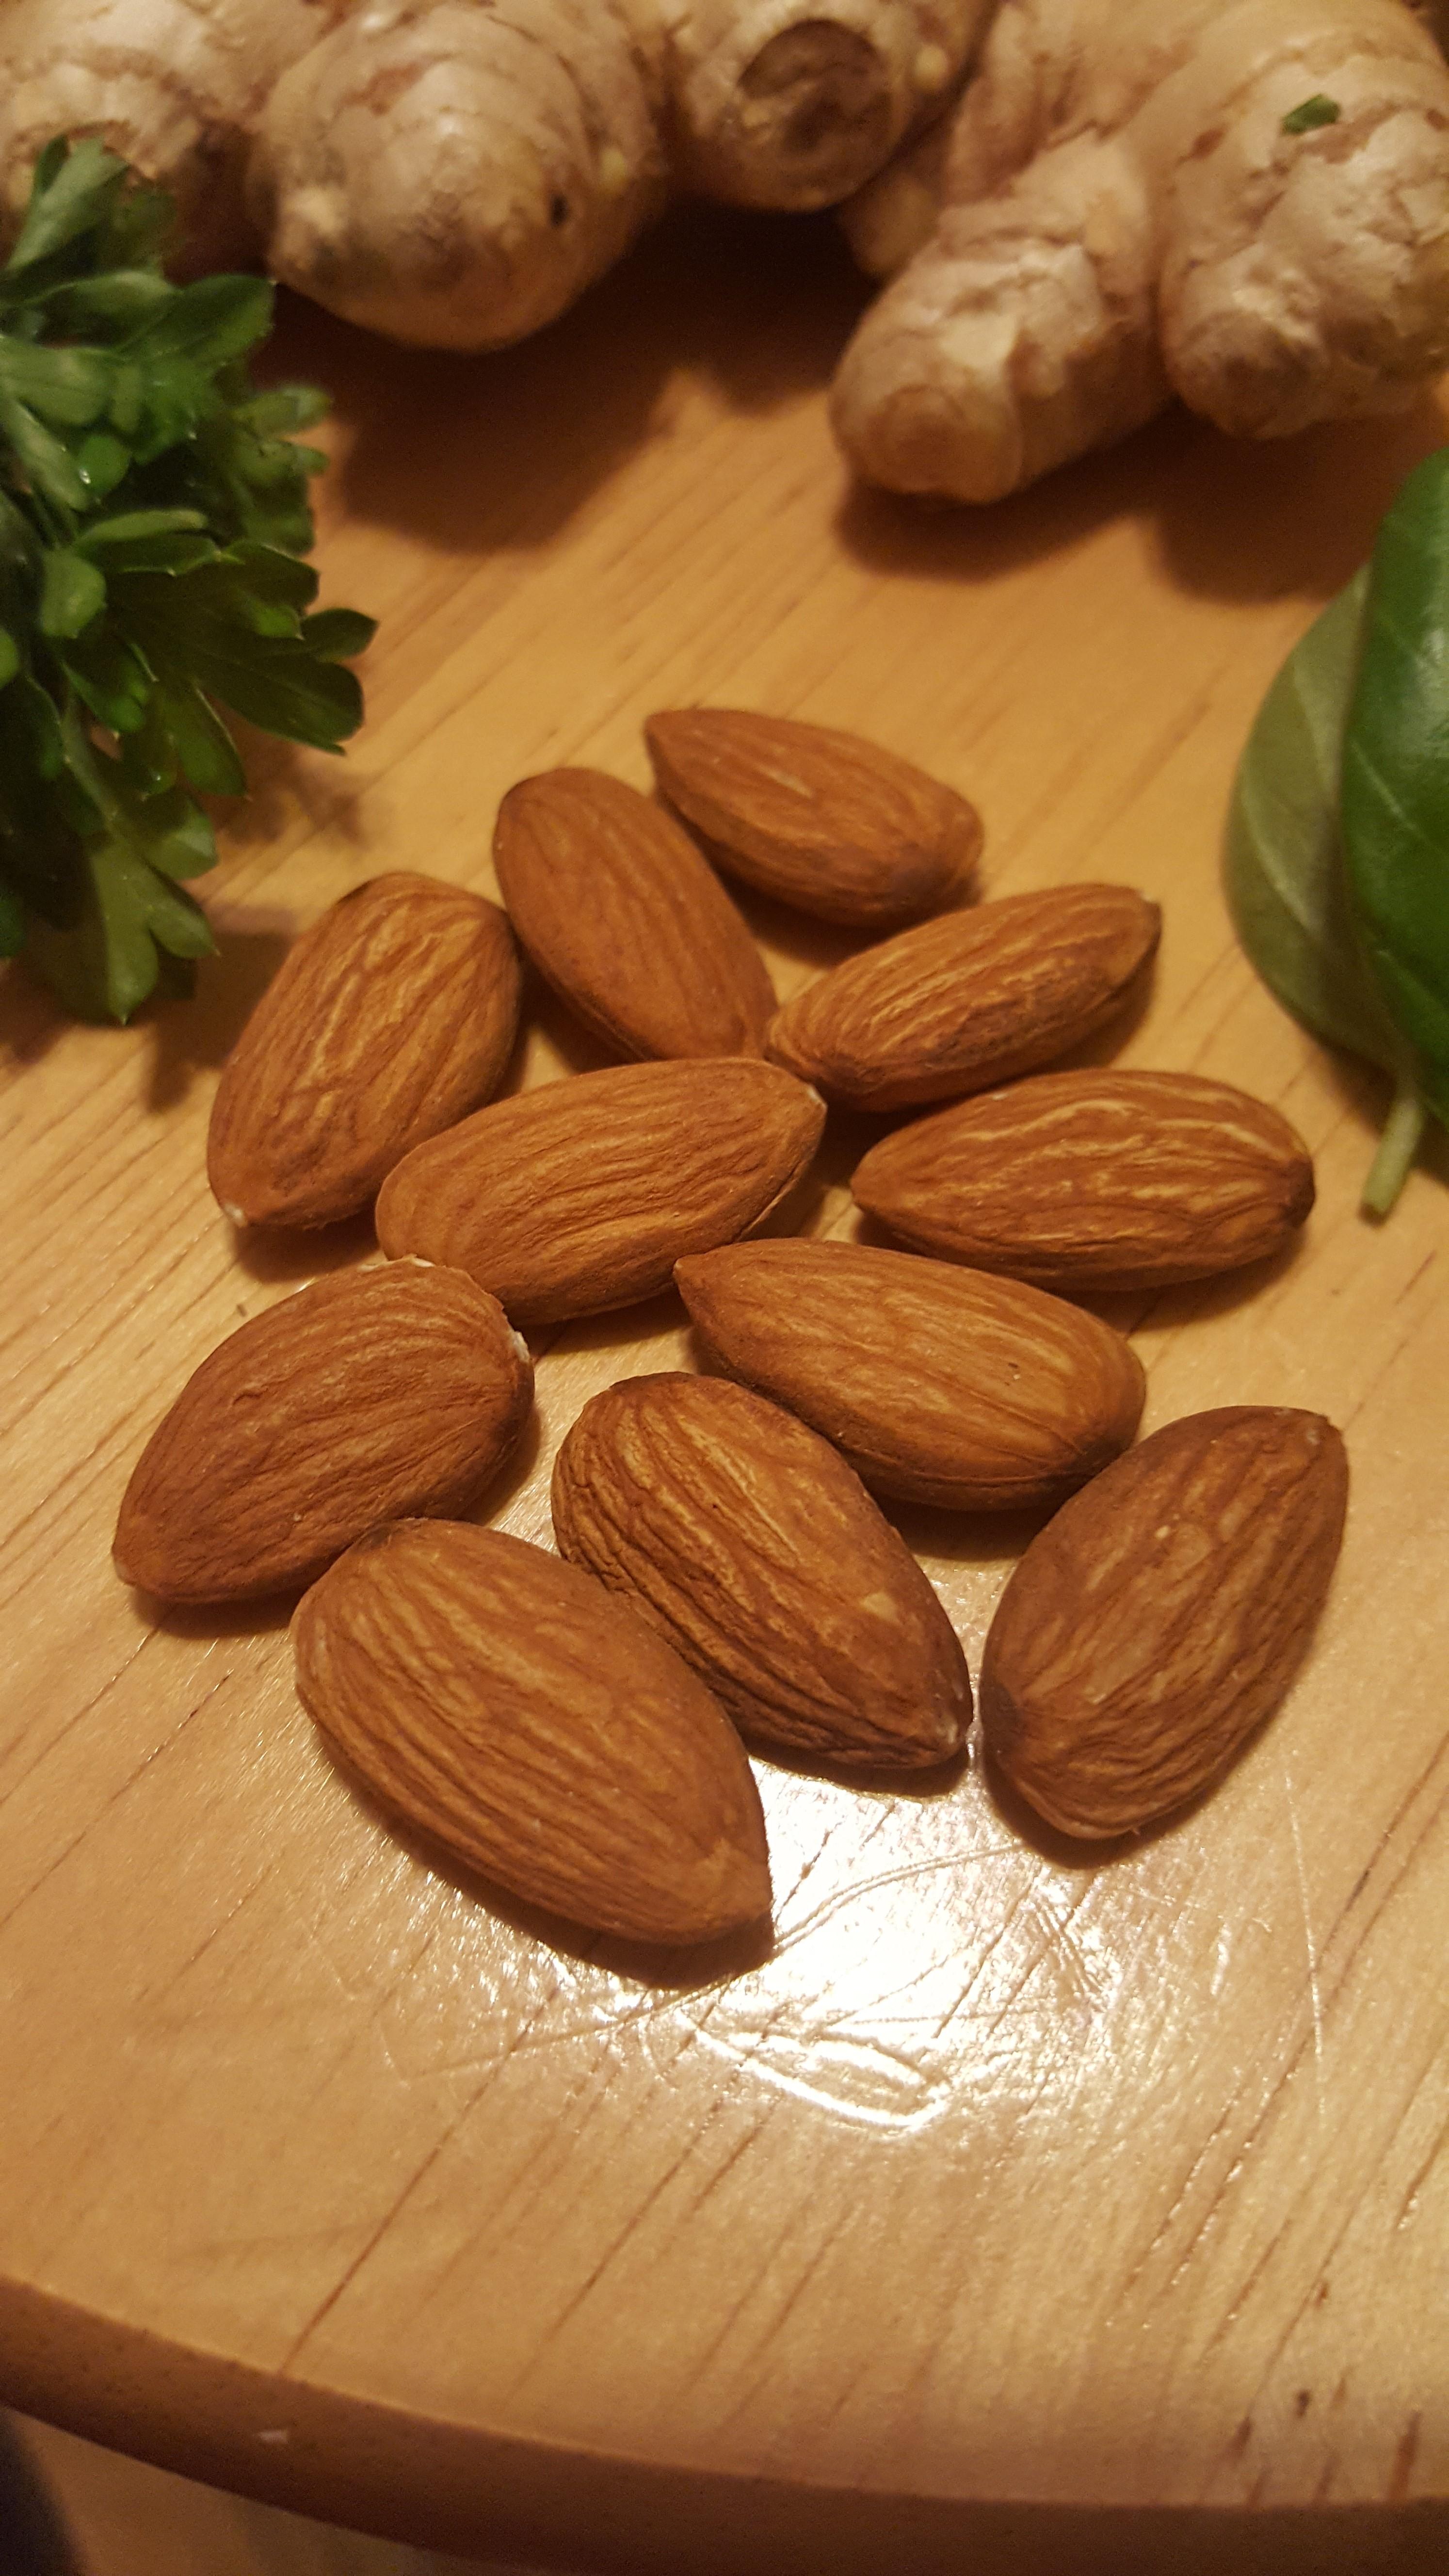 Remedypsoriasisnaturally.com Vitamin E almonds treat psoriasis